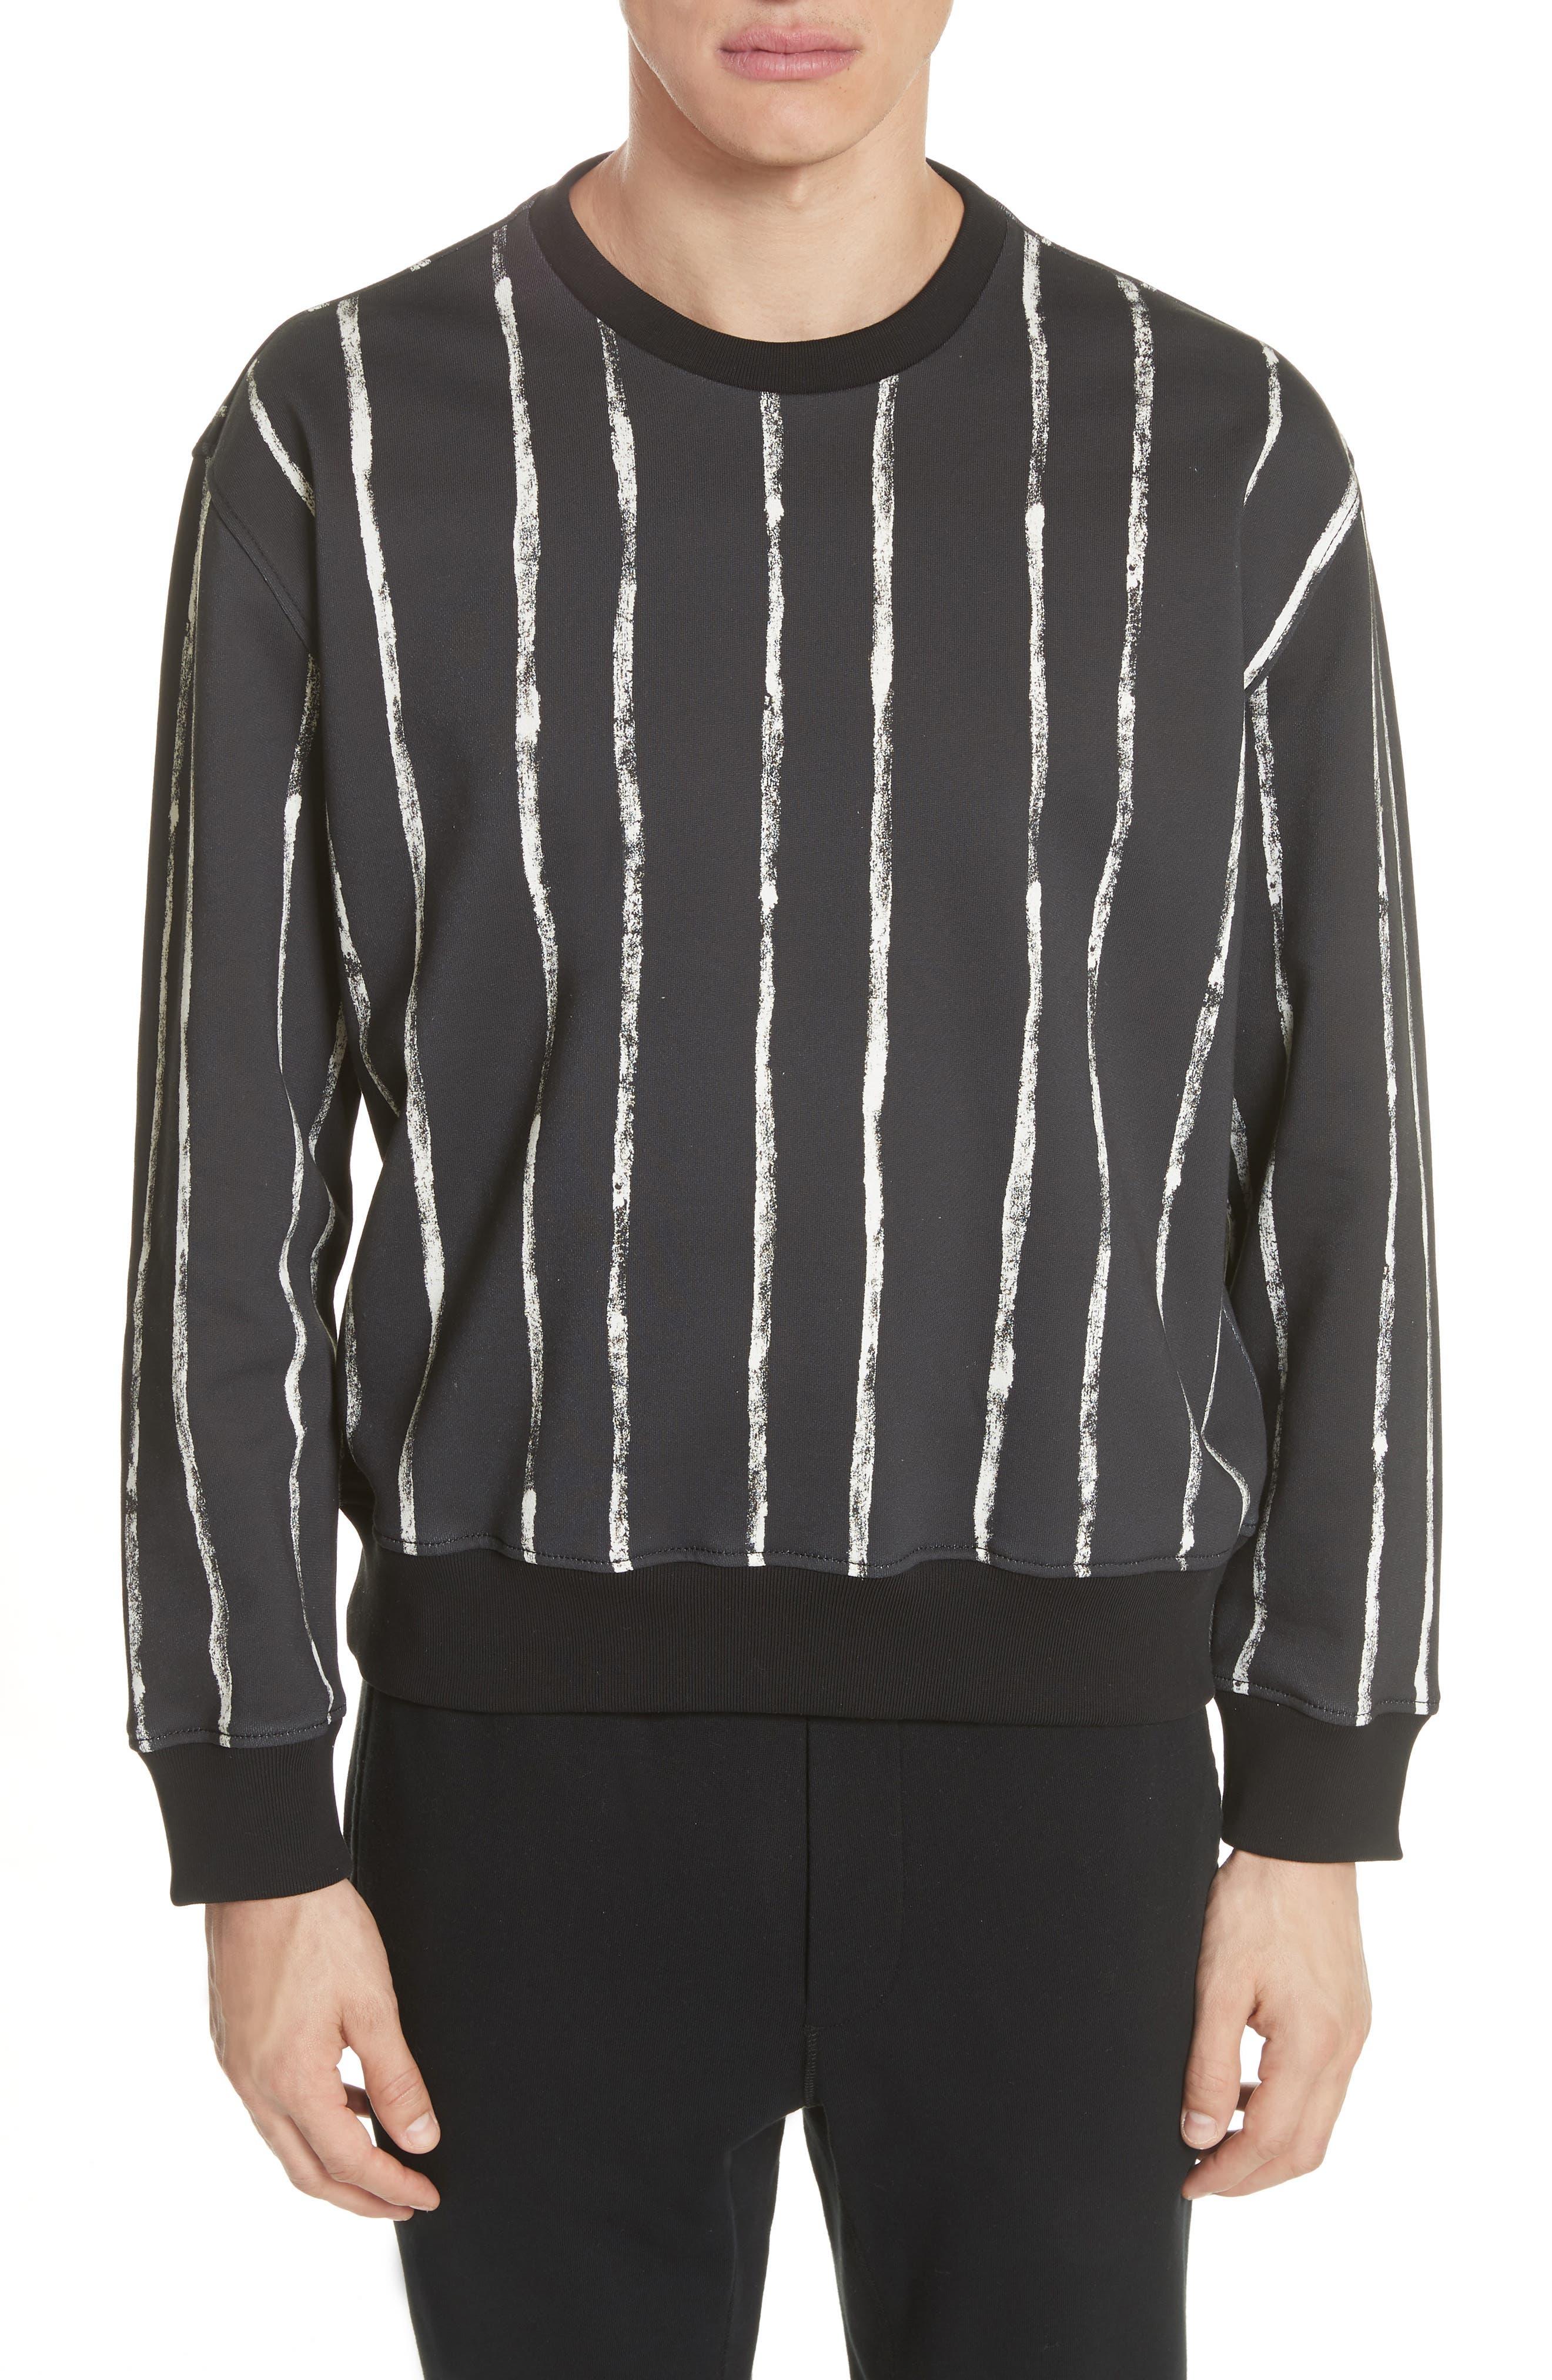 Paint Stripe Crewneck Sweatshirt,                             Main thumbnail 1, color,                             Black/ White